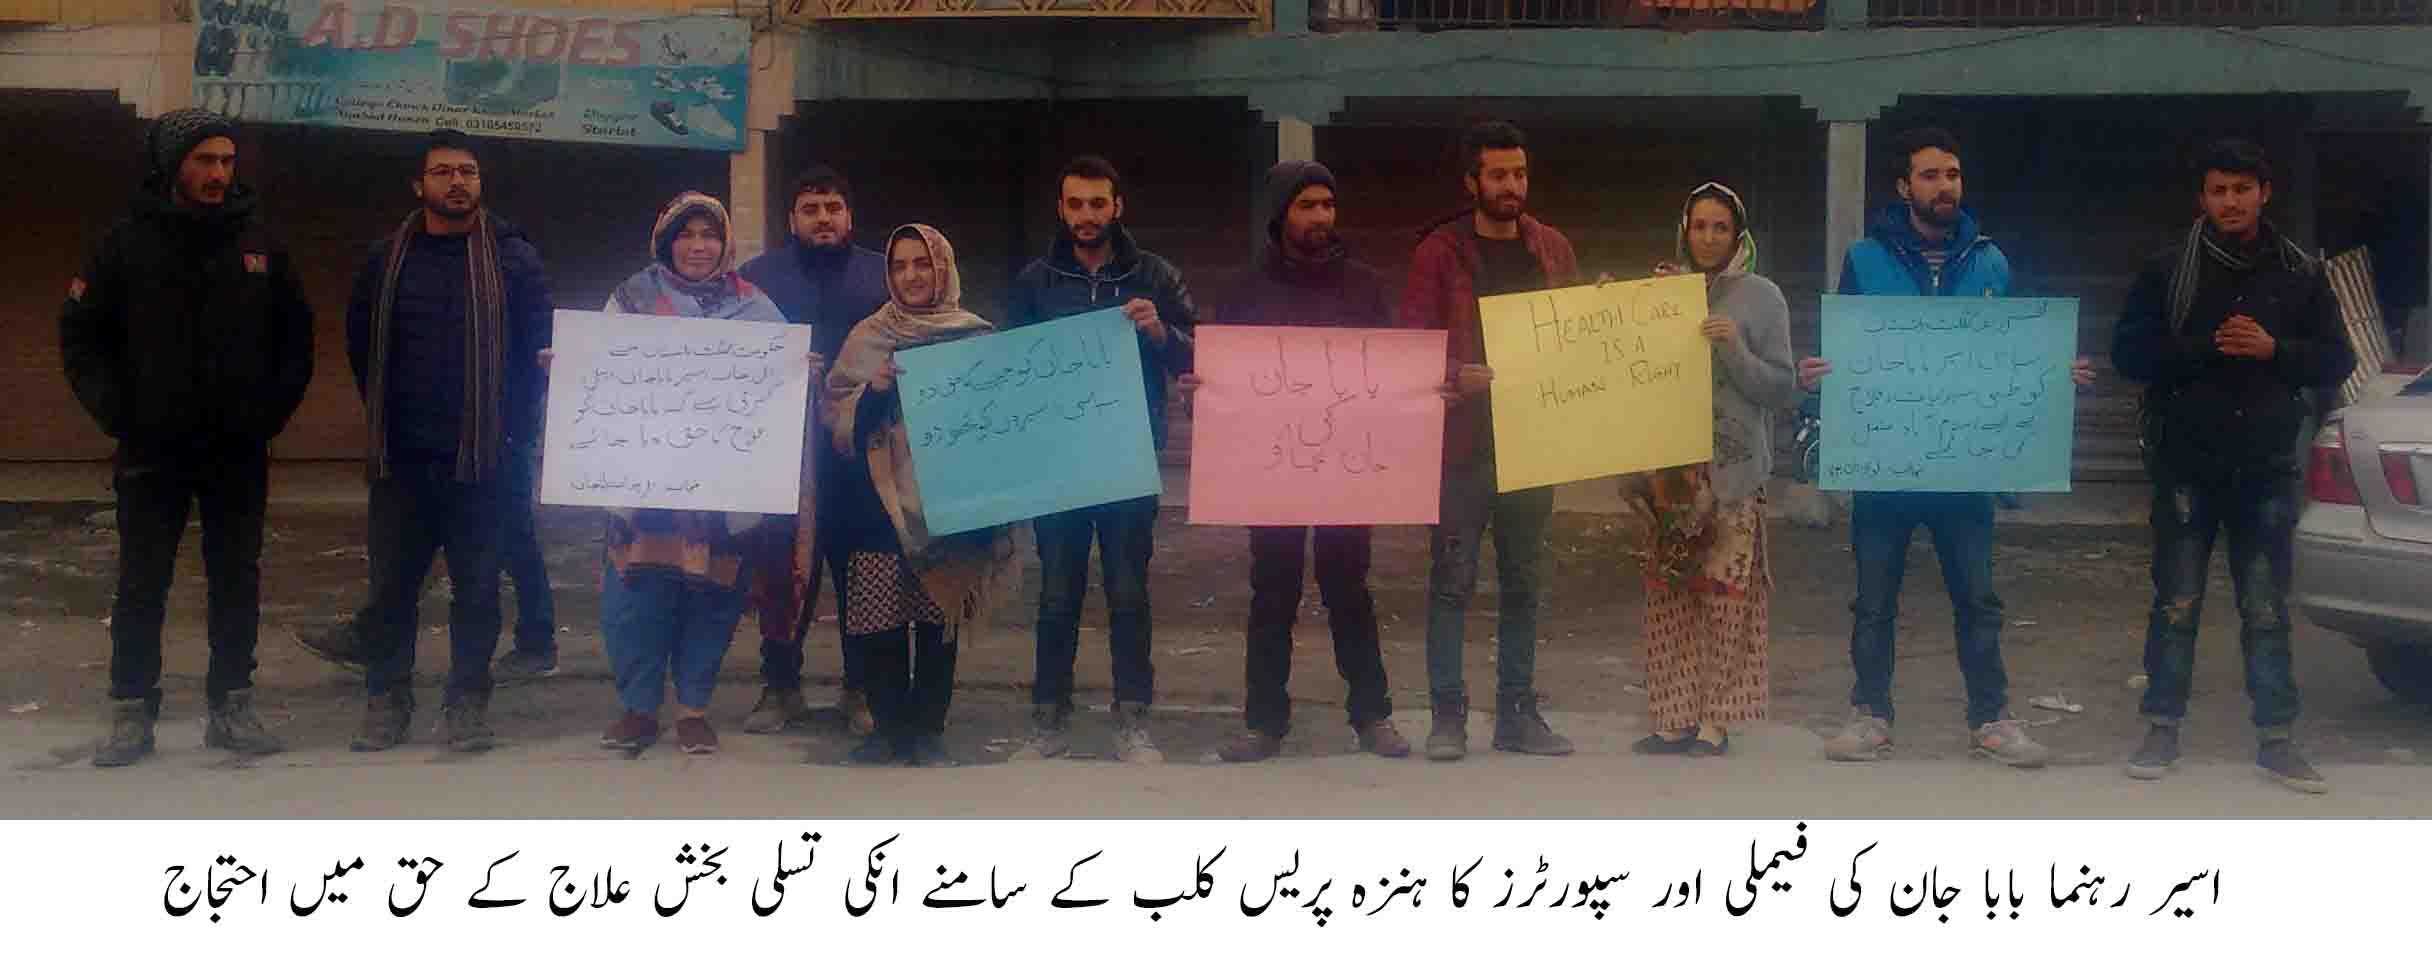 اسیر ترقی پسند رہنما بابا جان کو صحت سہولیات سے محروم رکھنے کی مذموم حرکت کے خلاف احتجاجی مظاہرہ